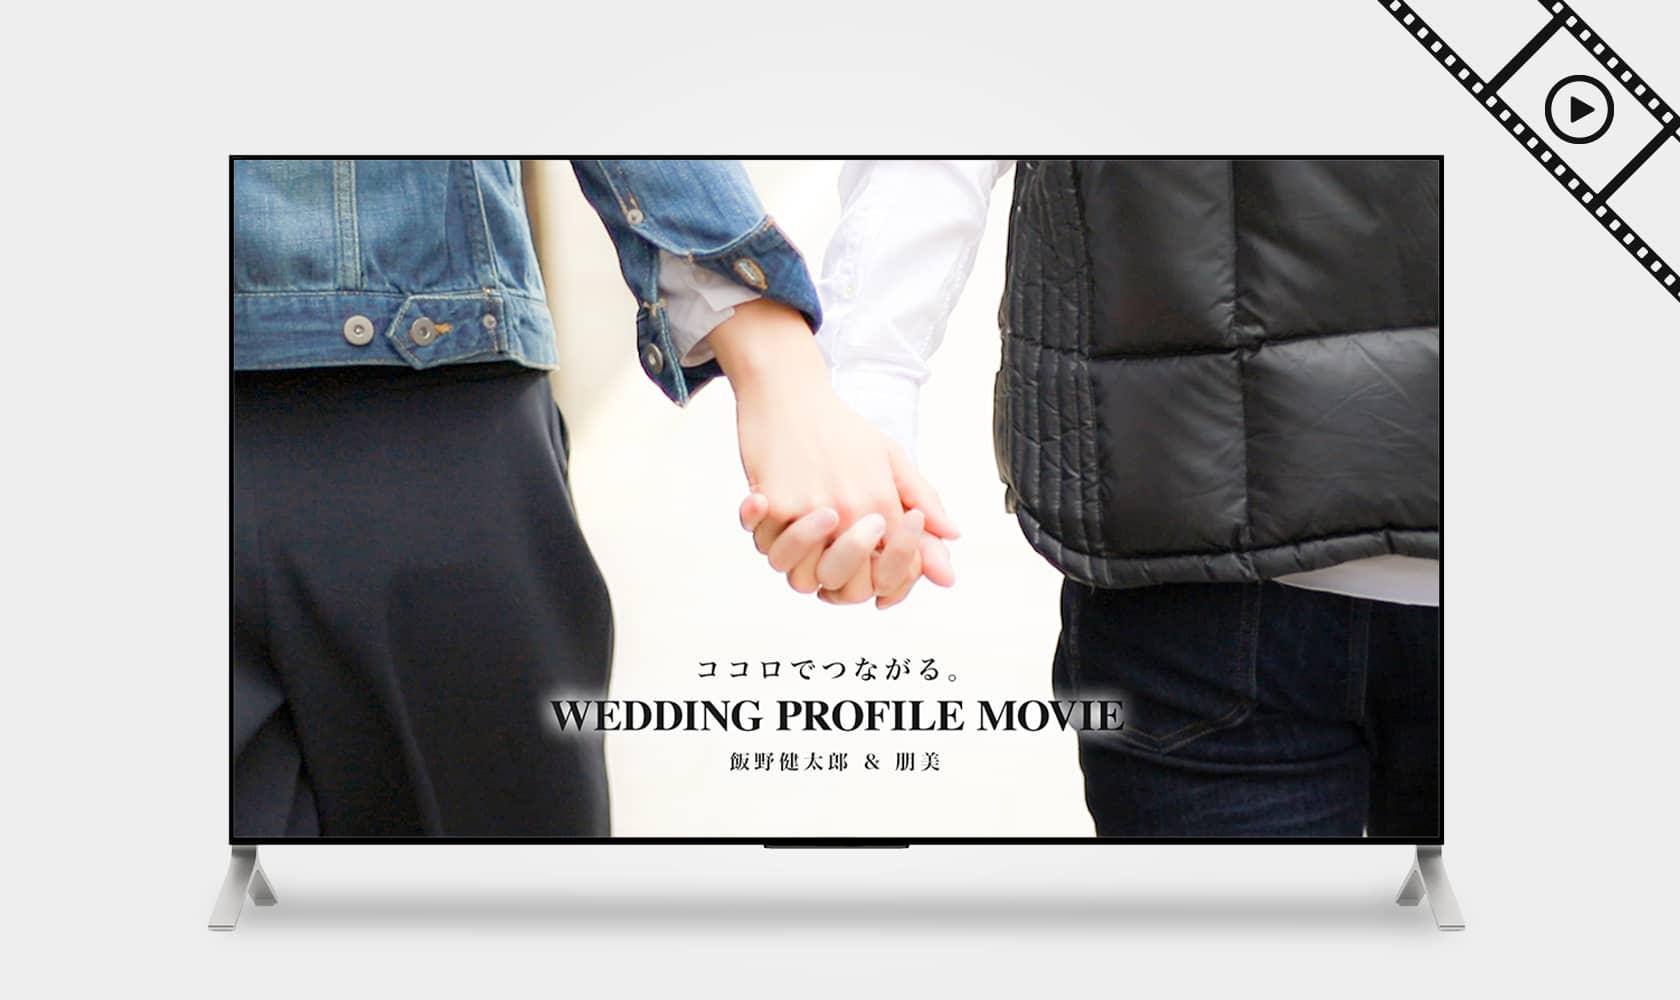 飯野健太郎 朋美 結婚式プロフィールムービー